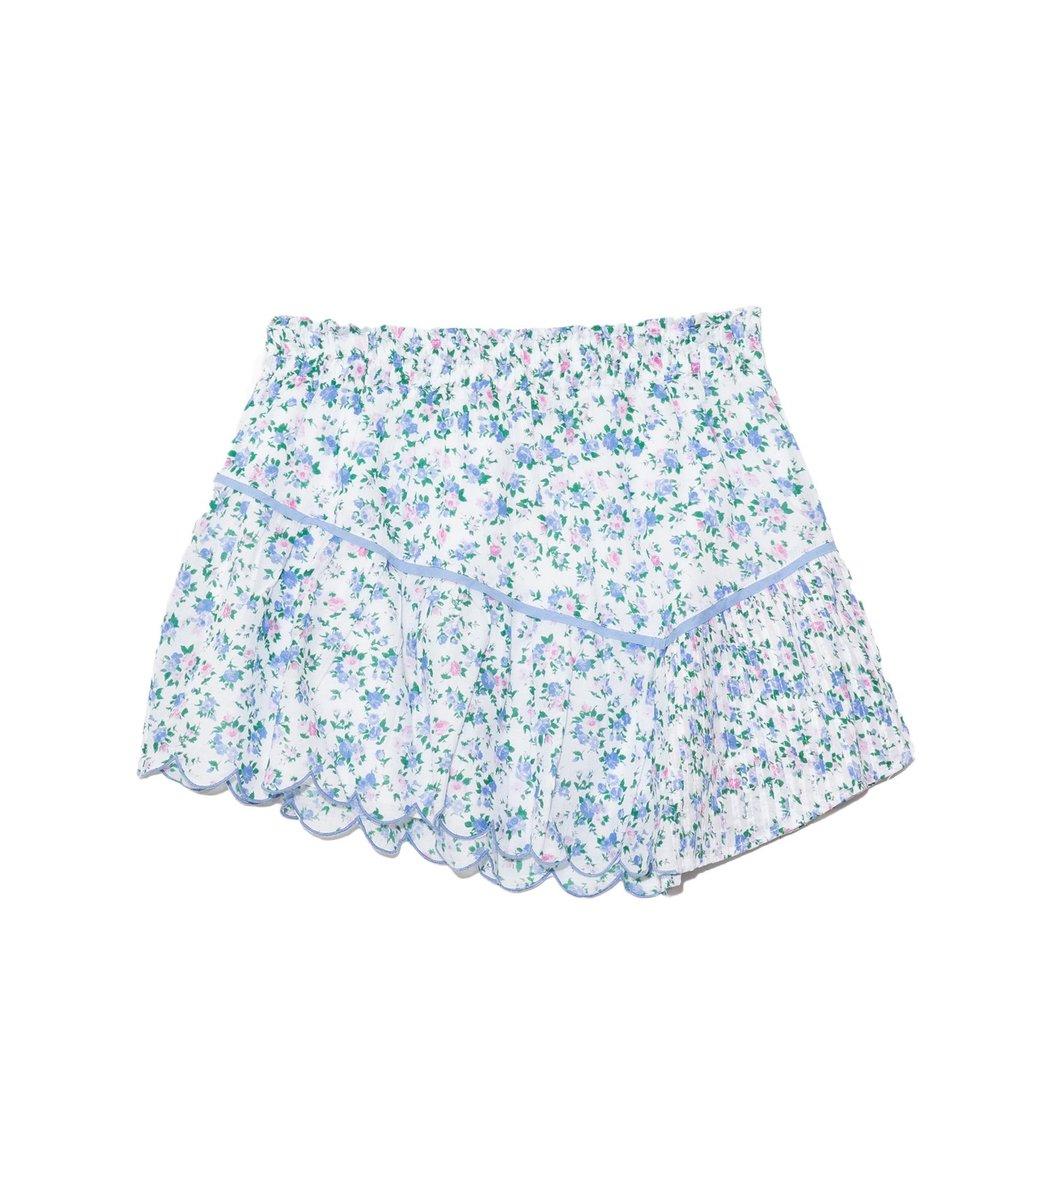 Loveshackfancy Memphis Skirt in Blue Jay Song